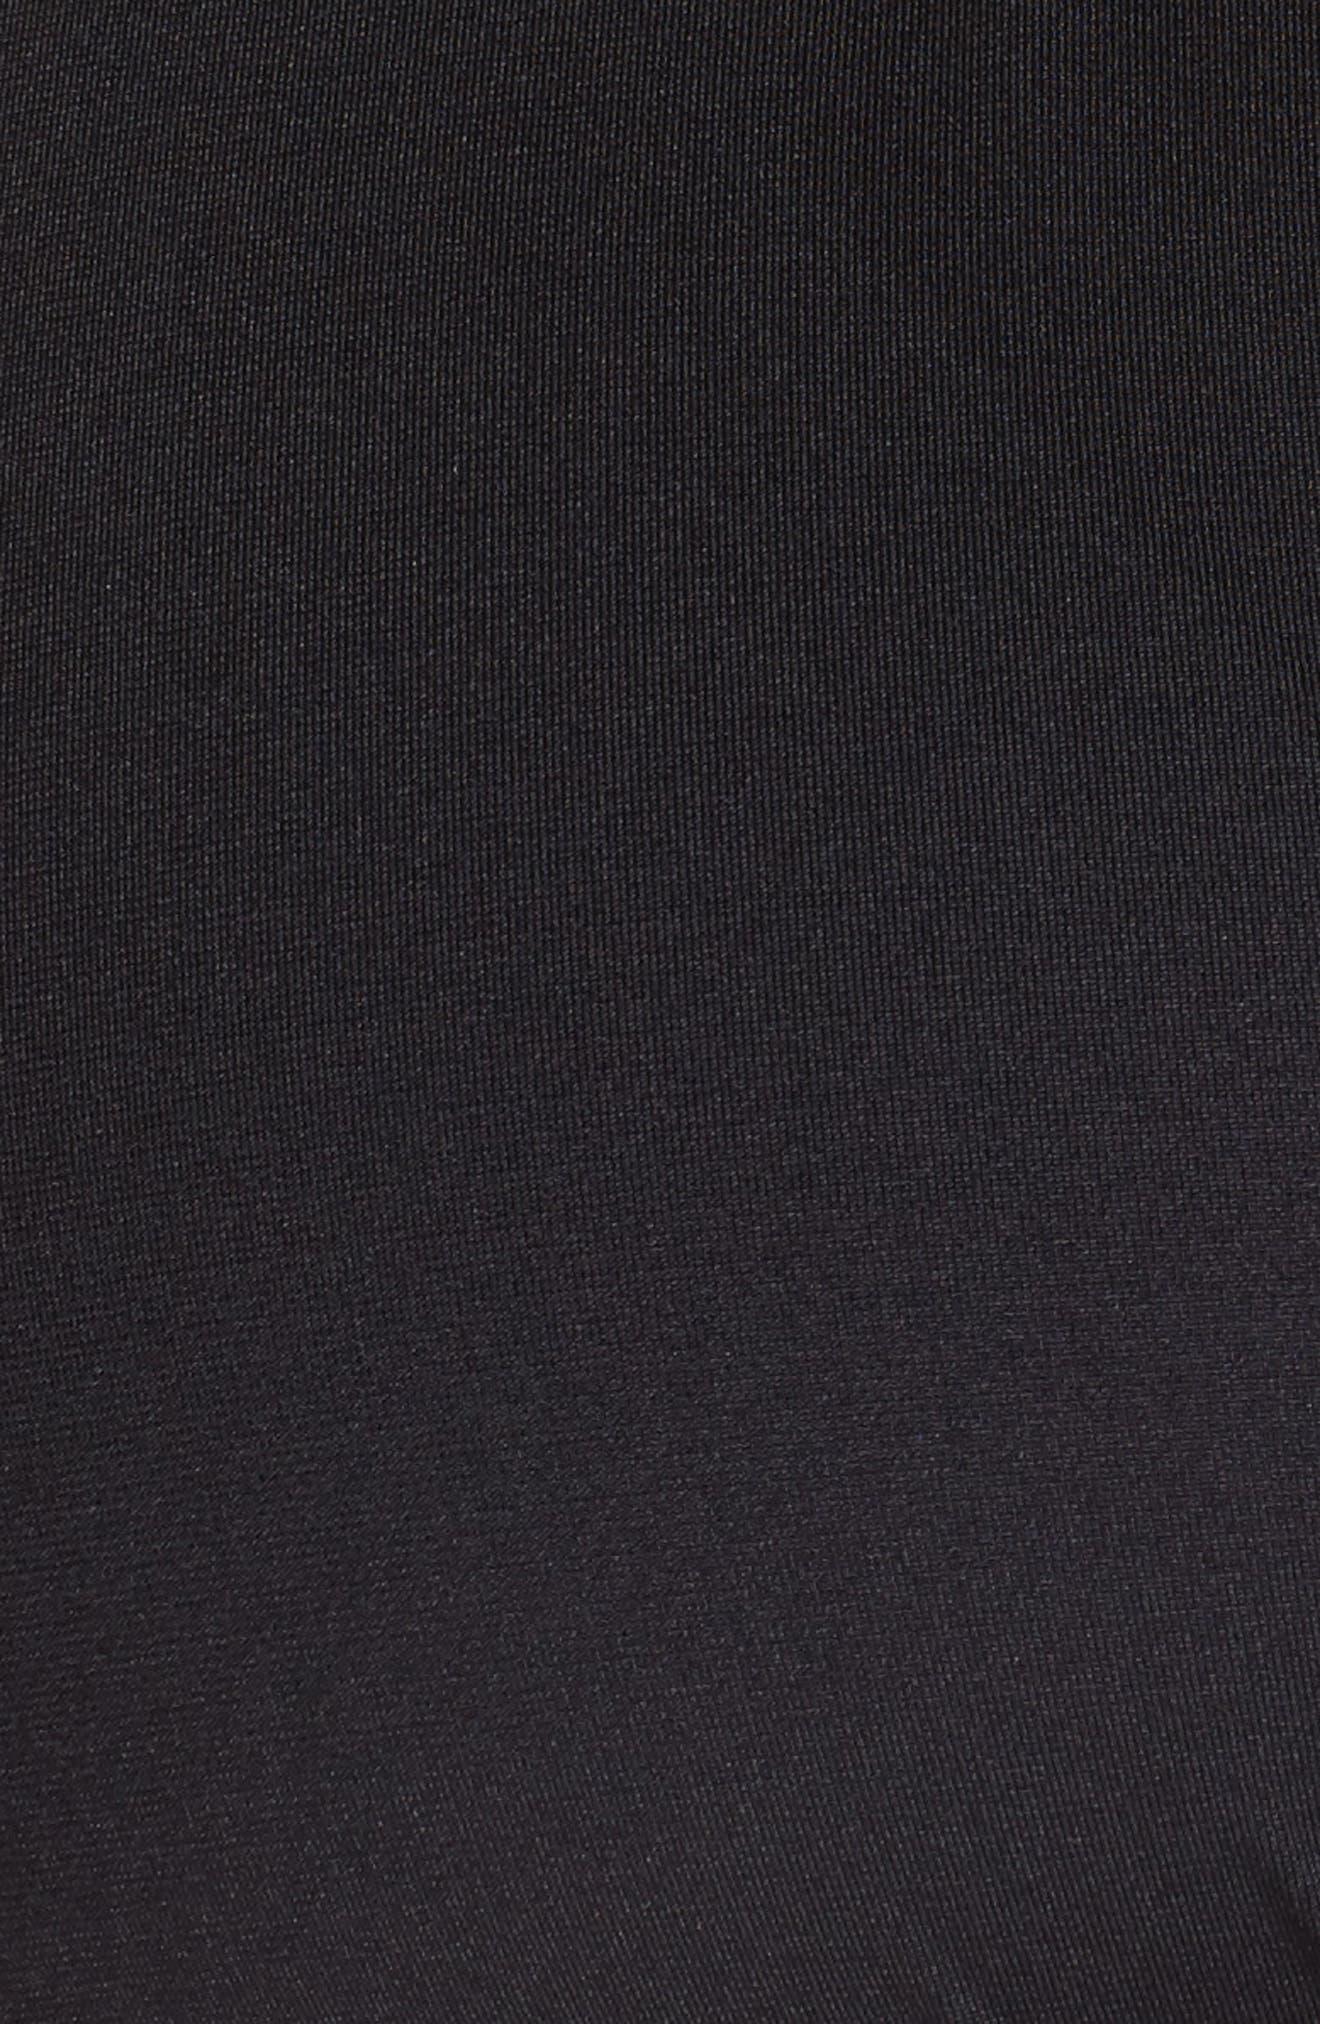 Halter Tankini Top,                             Alternate thumbnail 5, color,                             BLACK